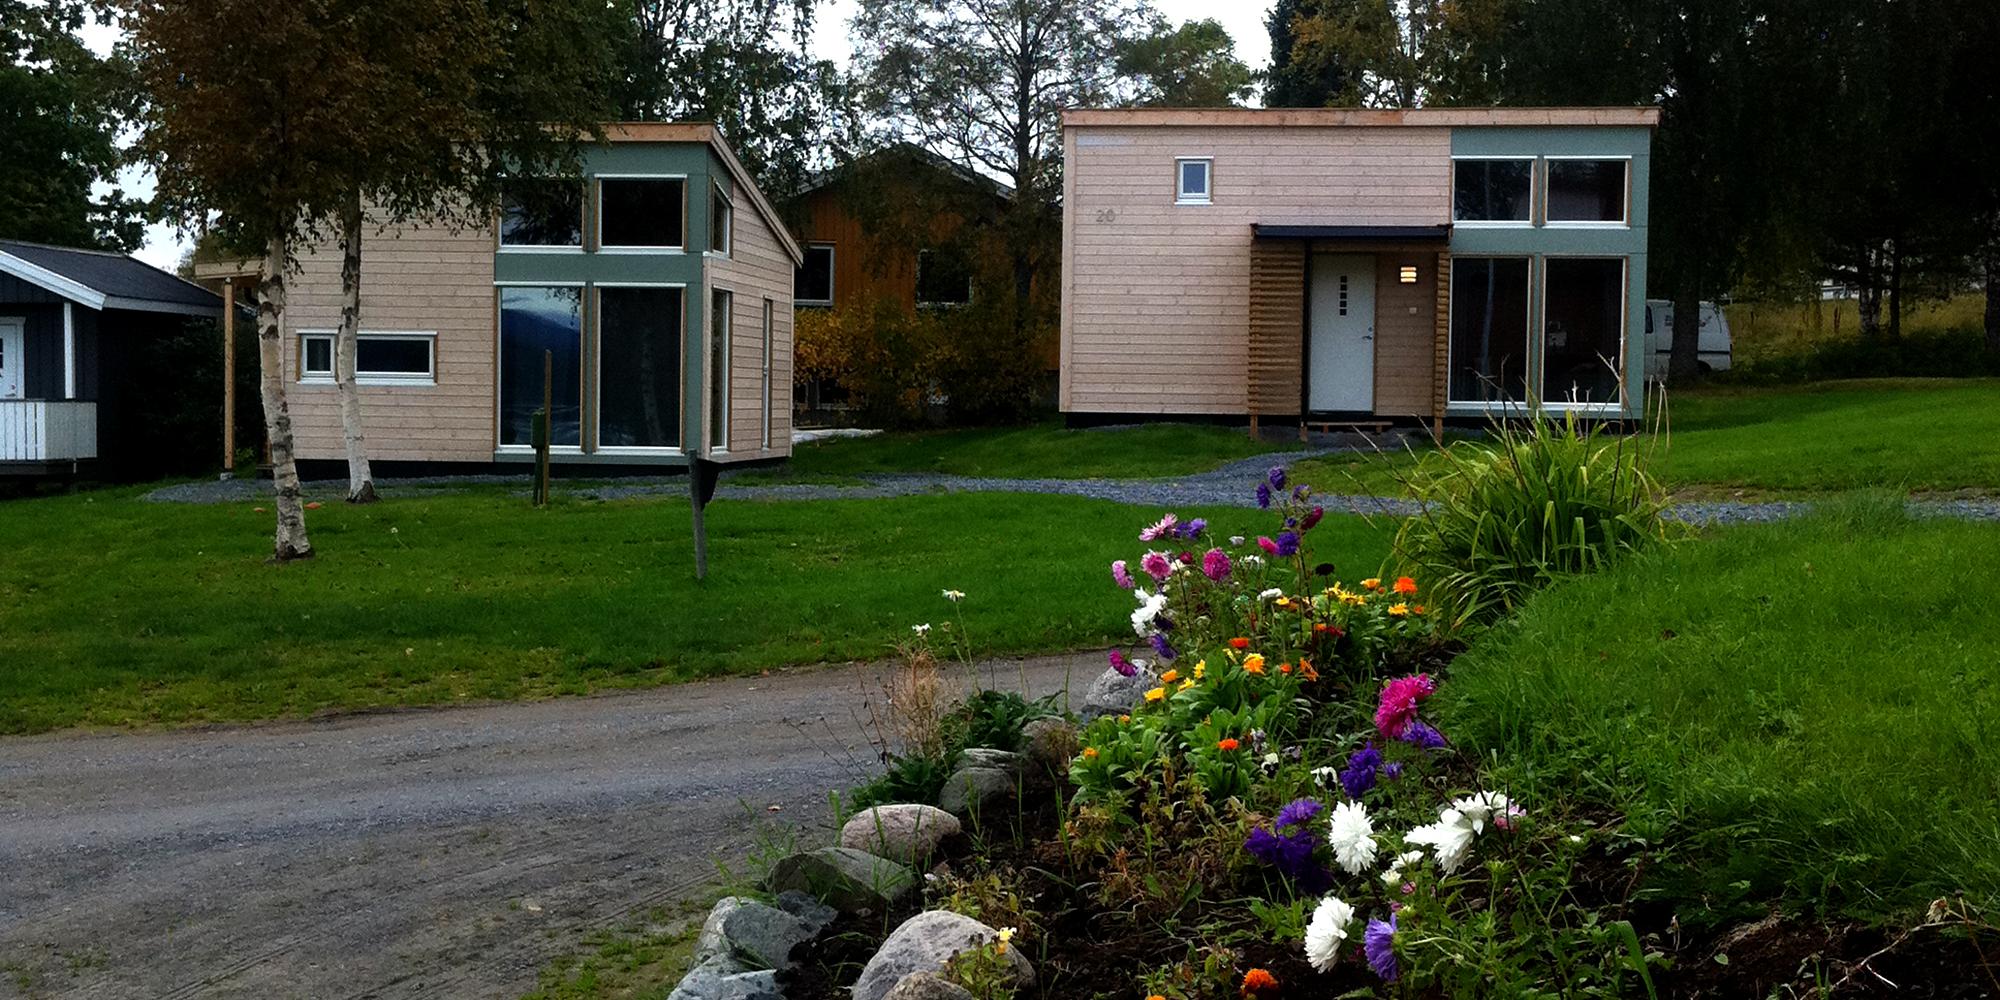 Kvam Motell og Camping - nye hytter. Copyright: Kvam Motell og Camping